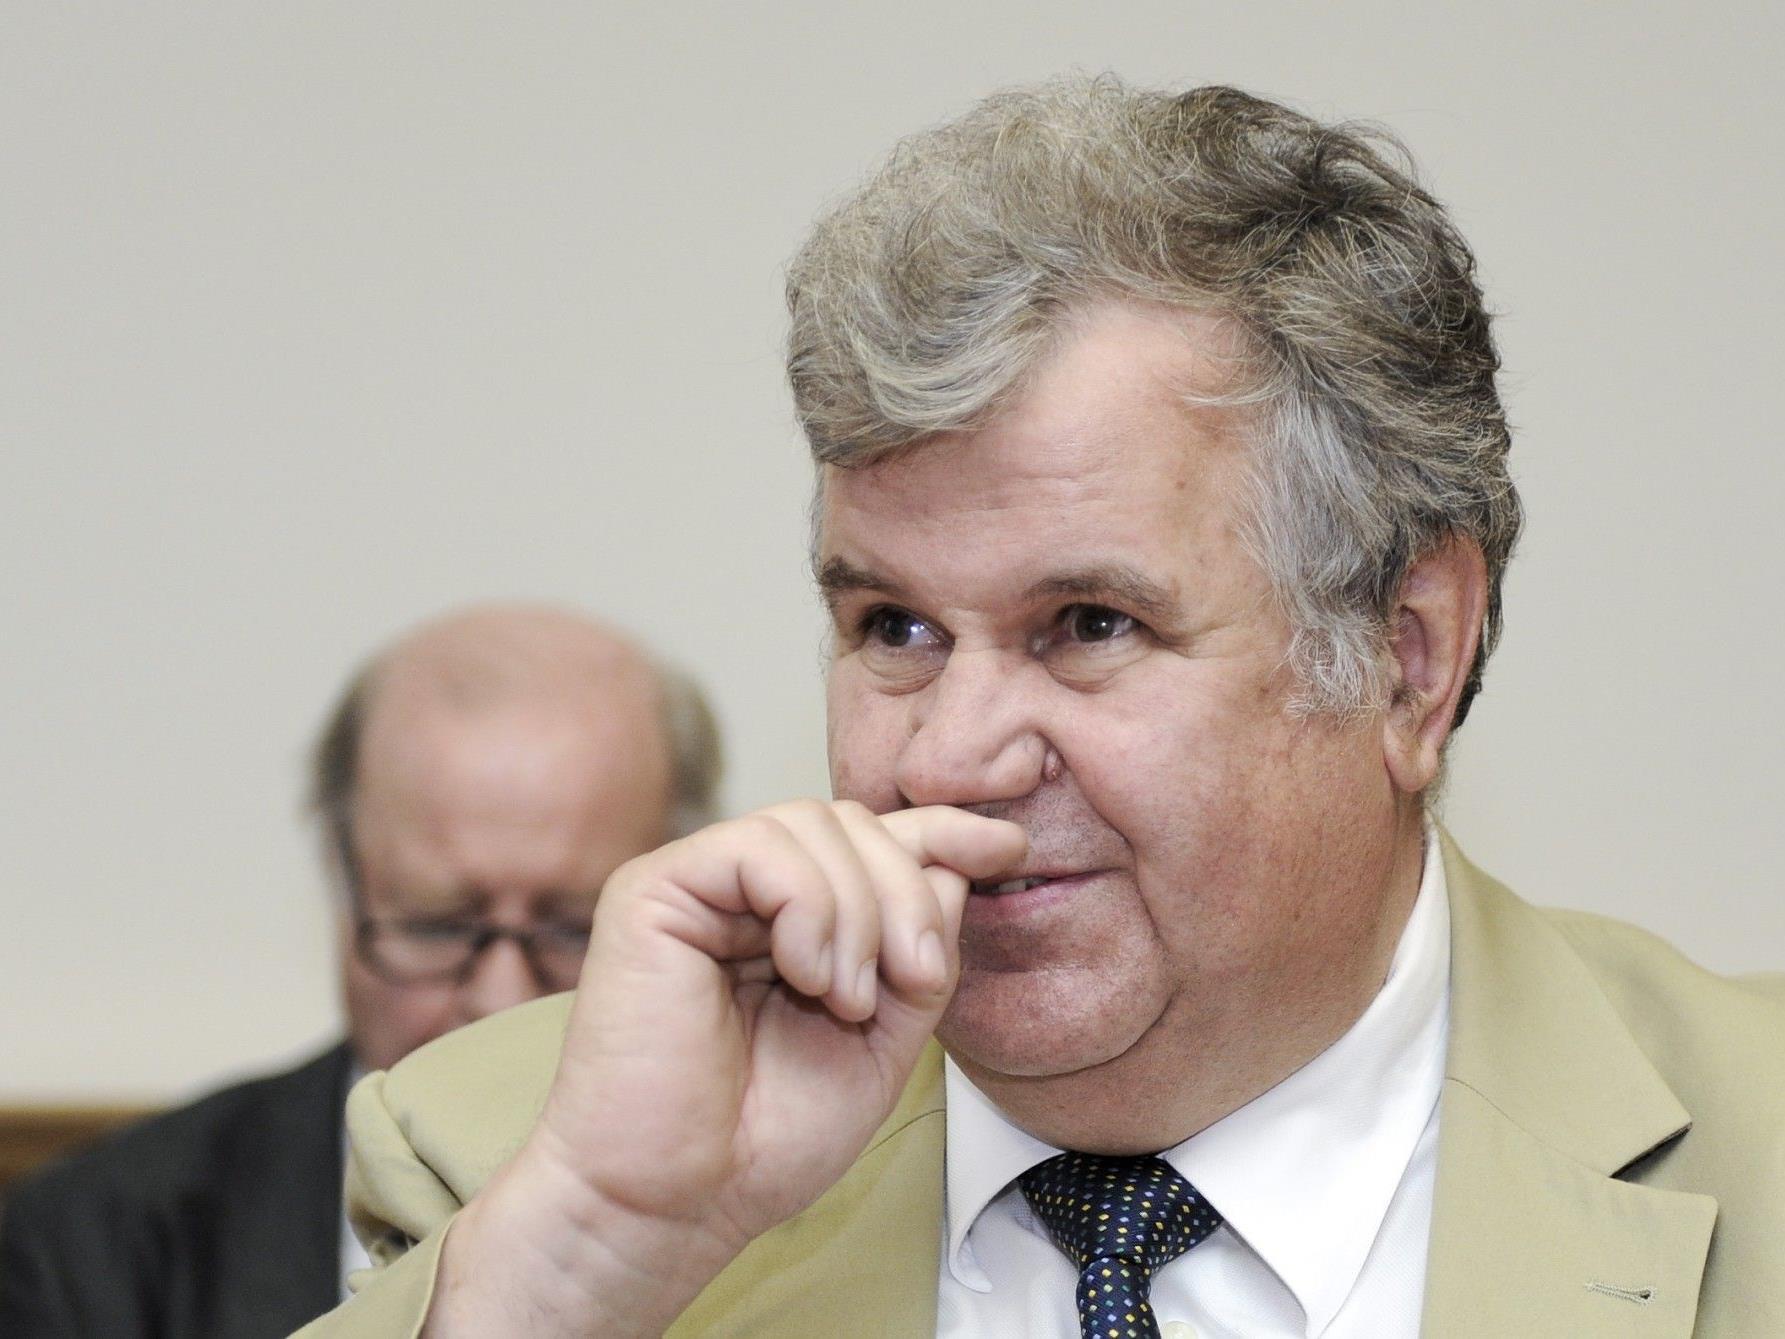 Heinz Jungwirth am Dienstag, 31.07.12, im Landesgericht Wien.